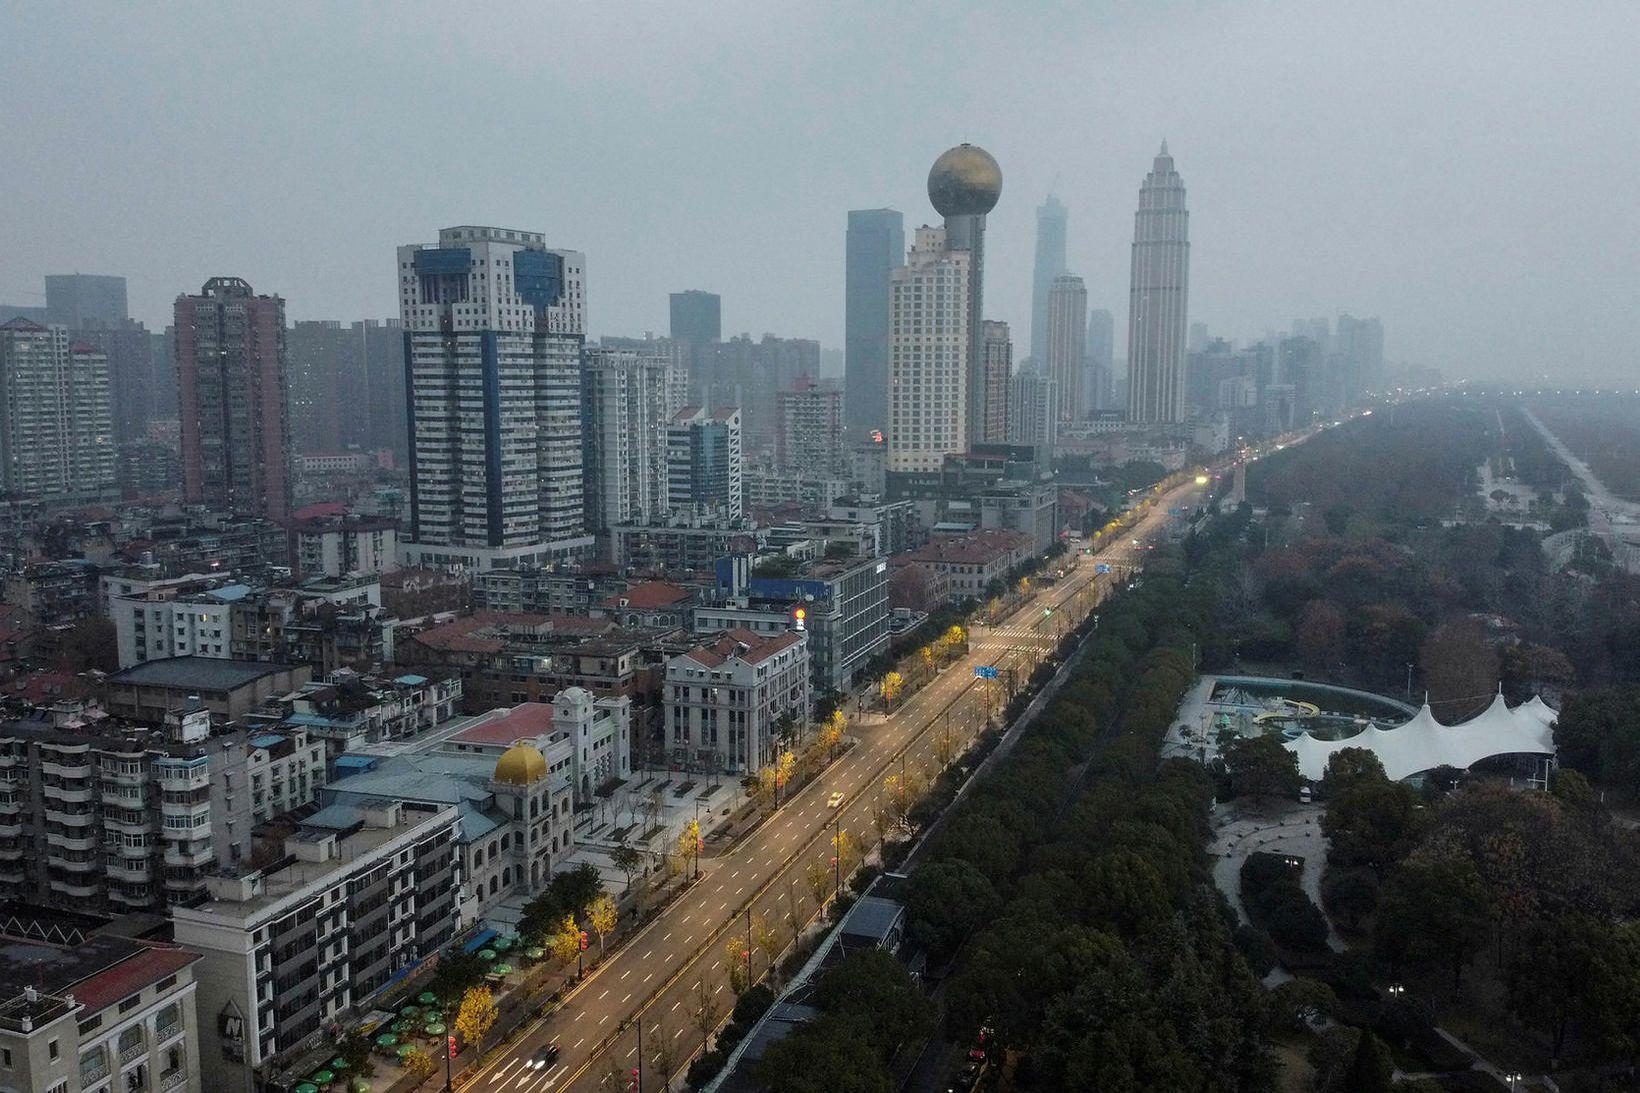 Upptök veirunnar eru rakin til kínversku borgarinnar Wuhan.